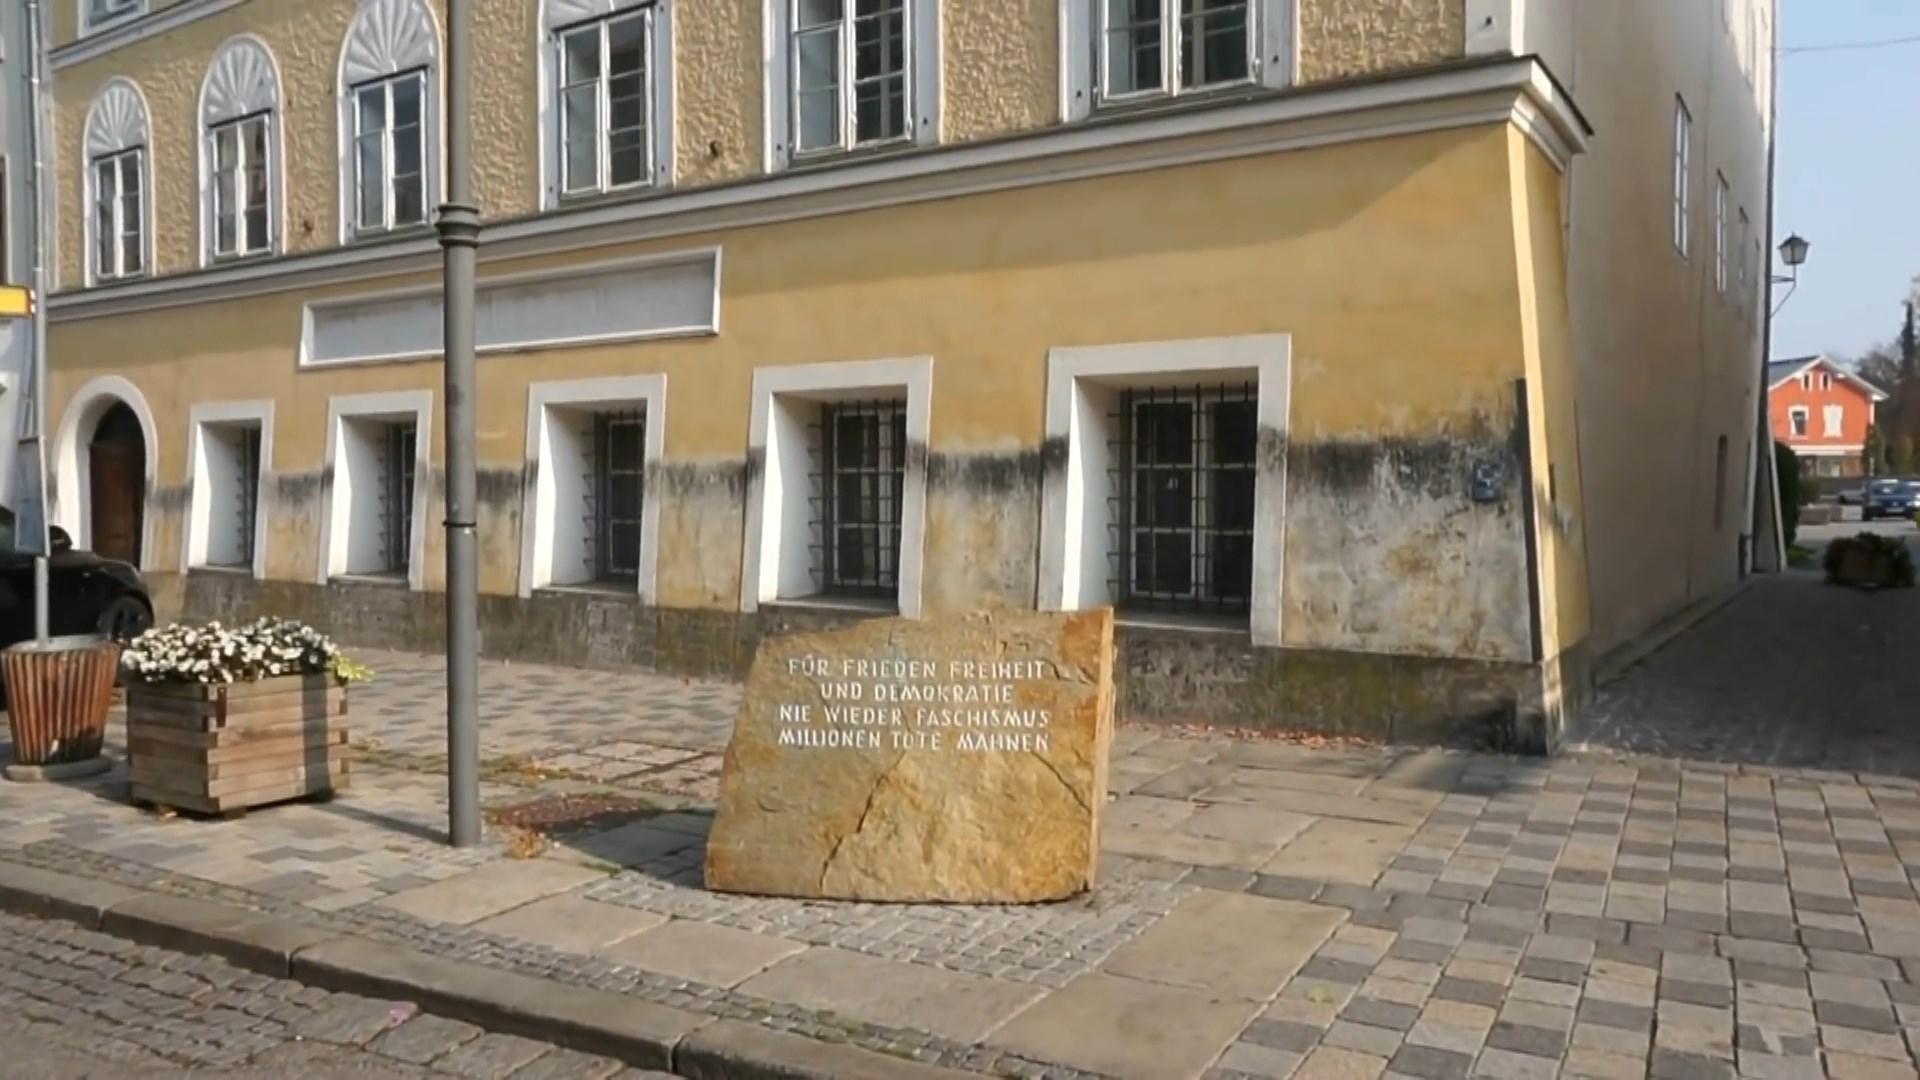 Shtëpia ku lindi Adolf Hitler transformohet në një stacion policie